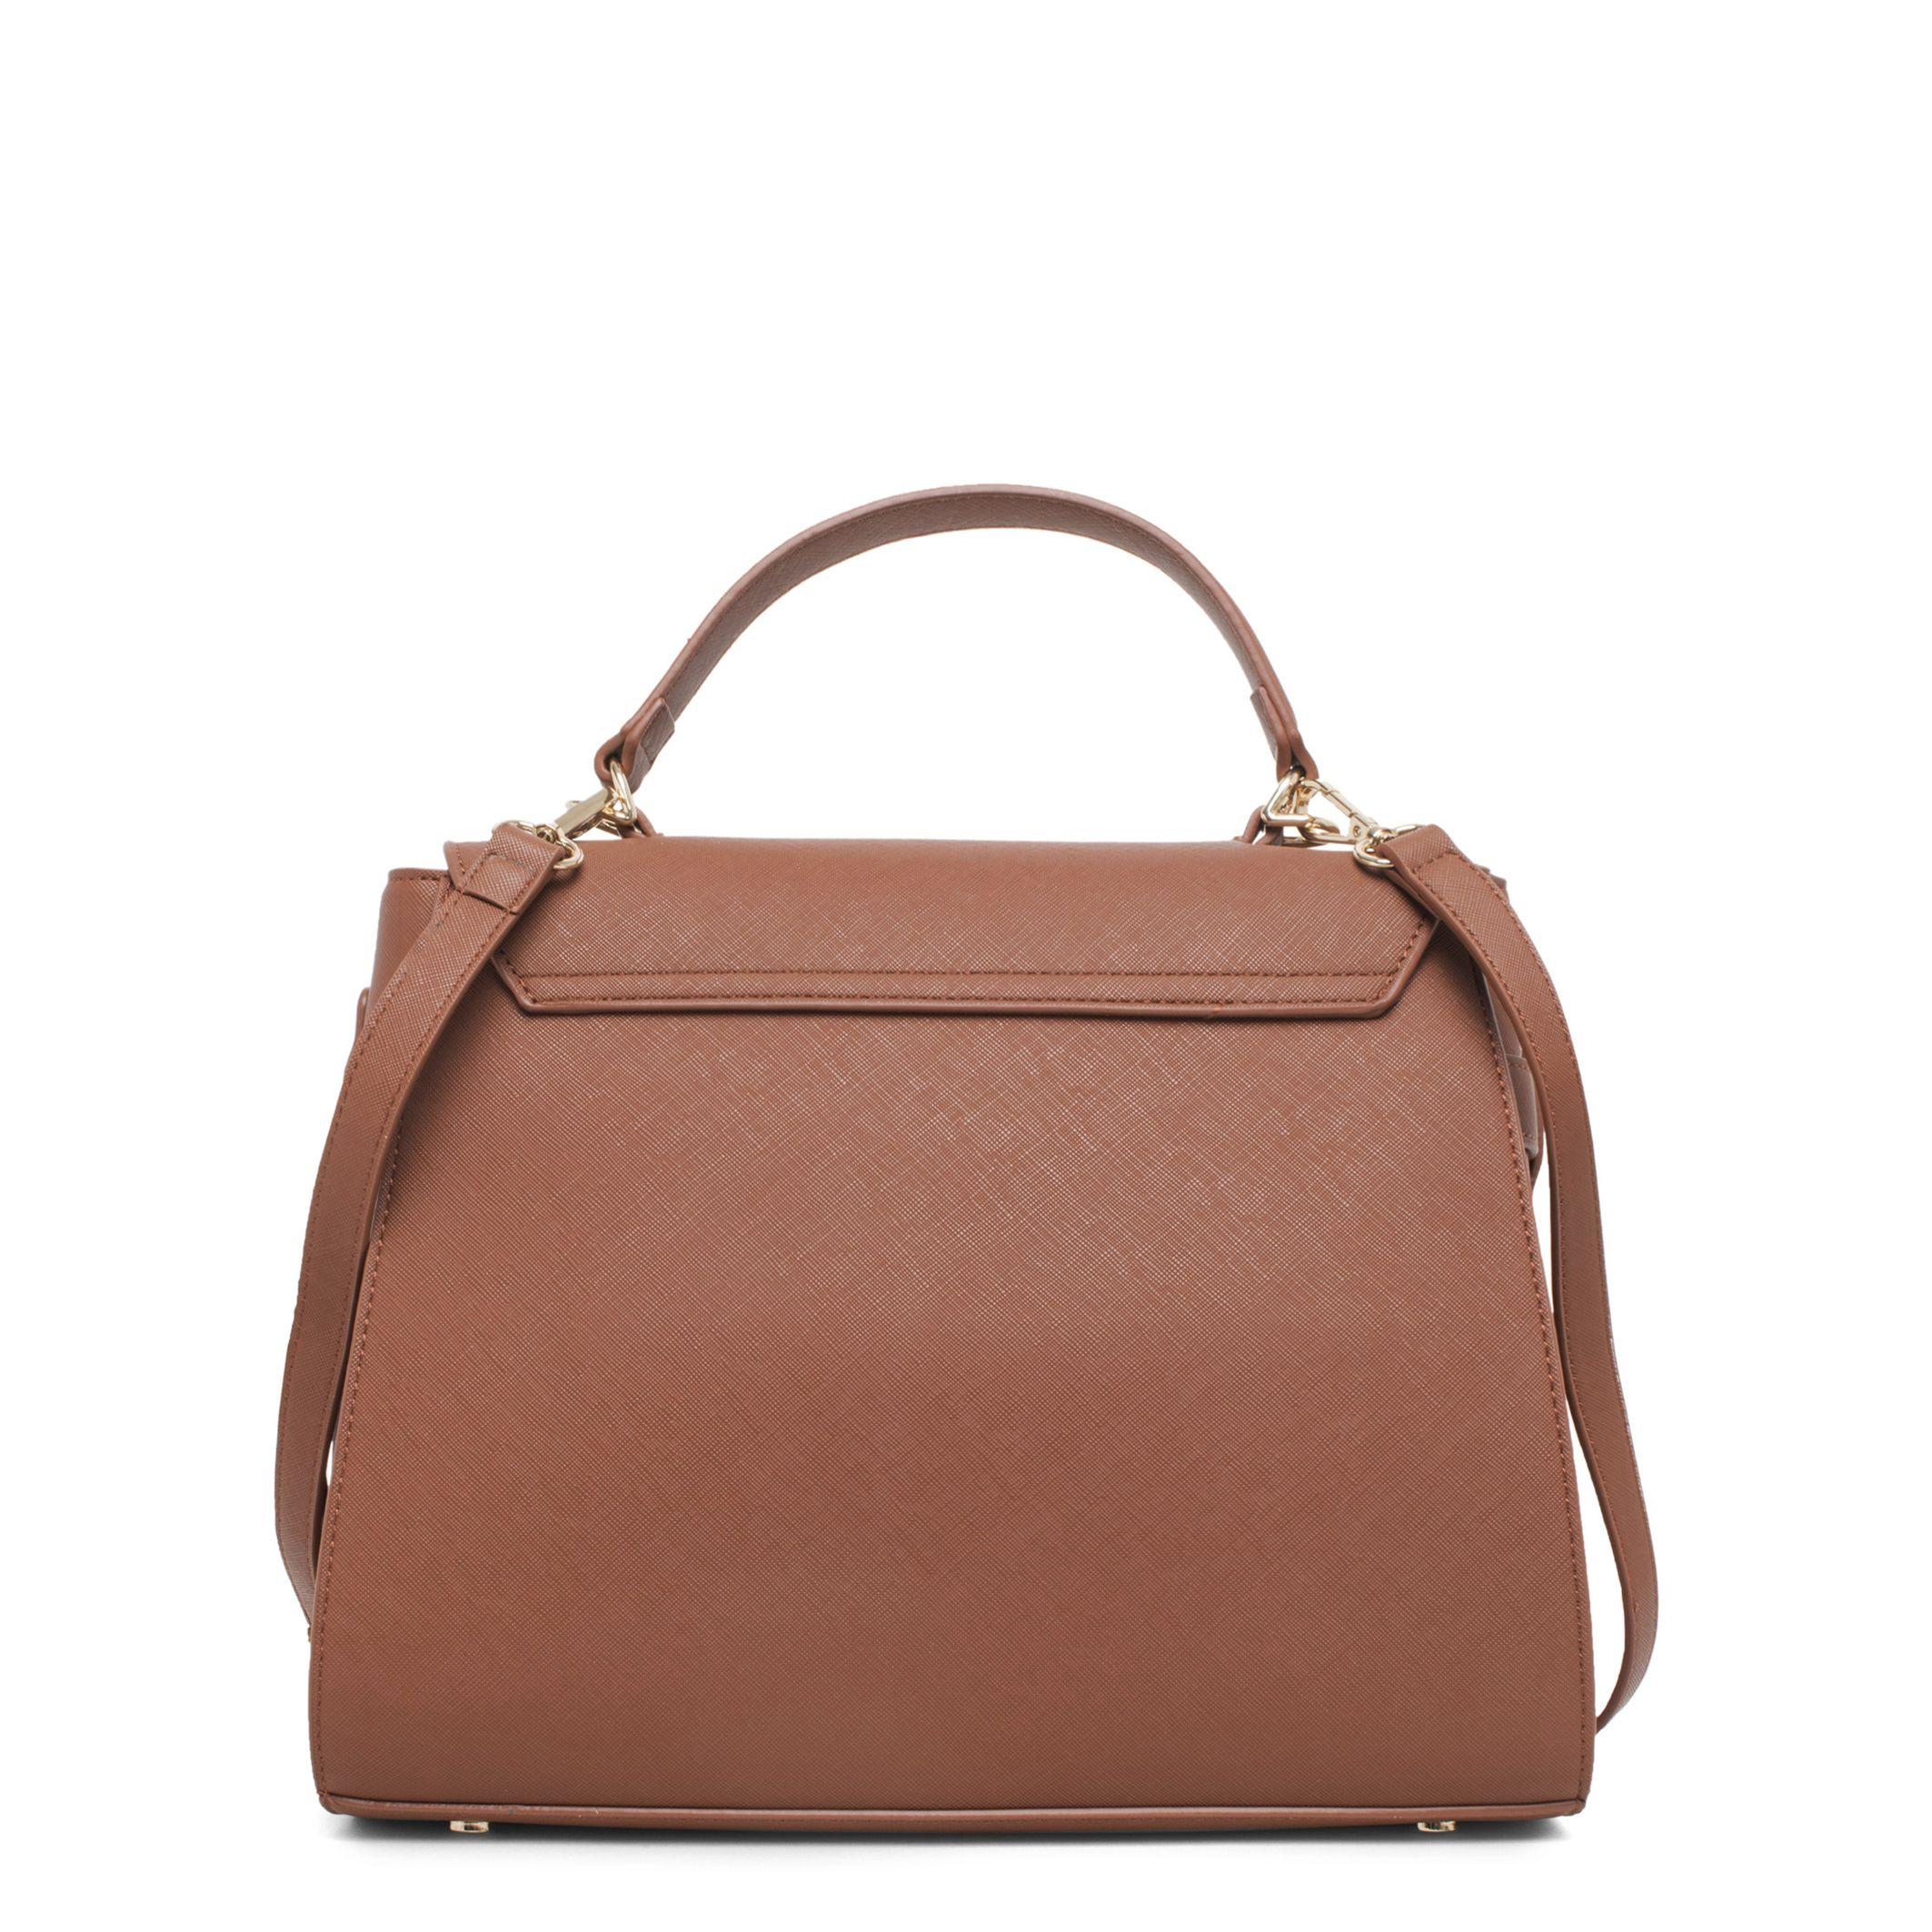 Handtaschen Trussardi – 76BTBLDS03 – Braun